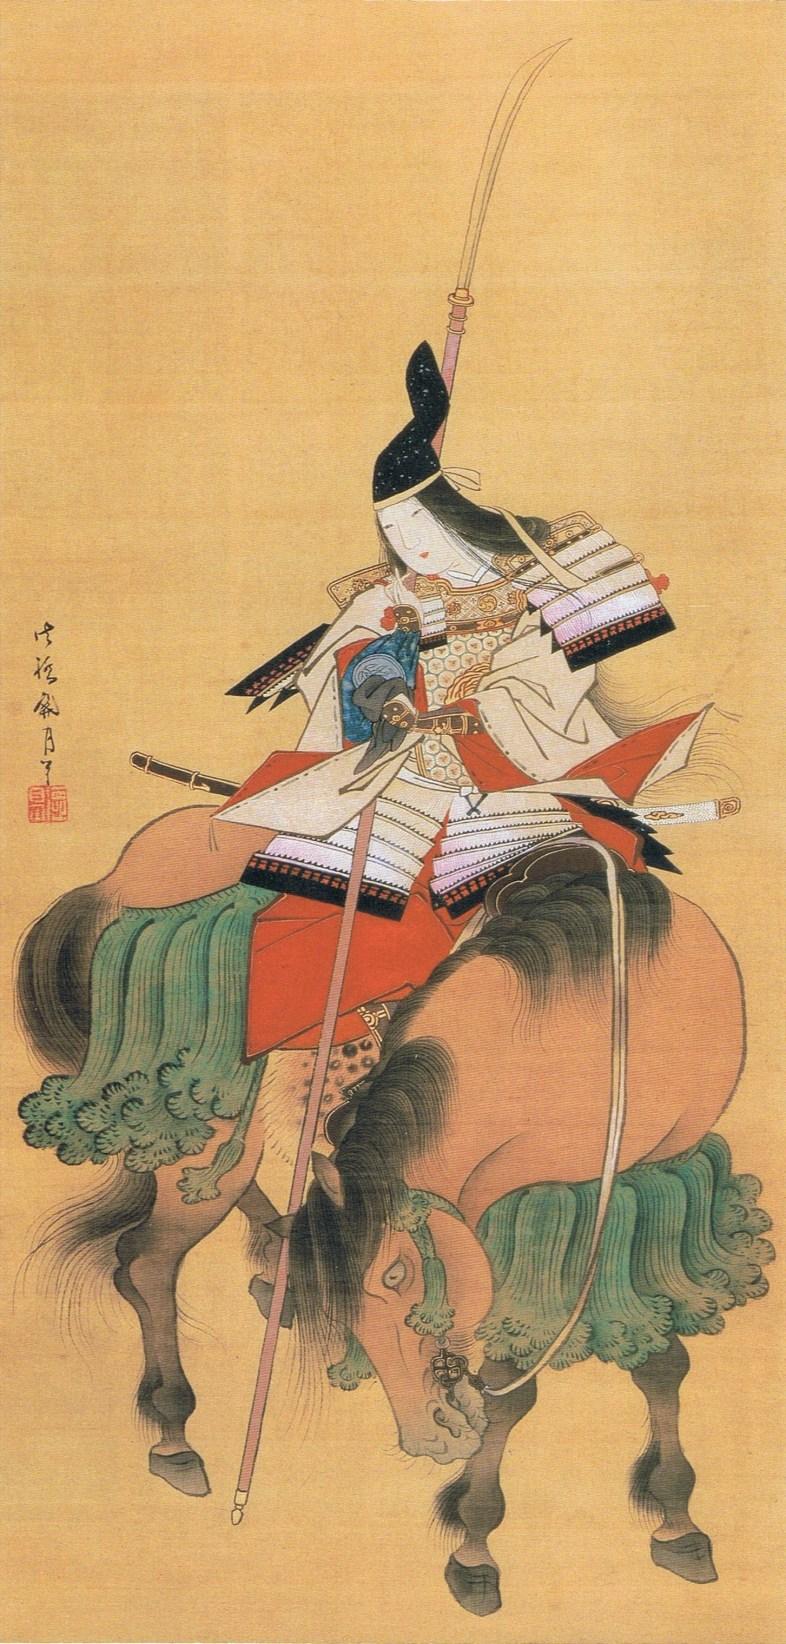 Tomoe Gozen Wikimedia Commons